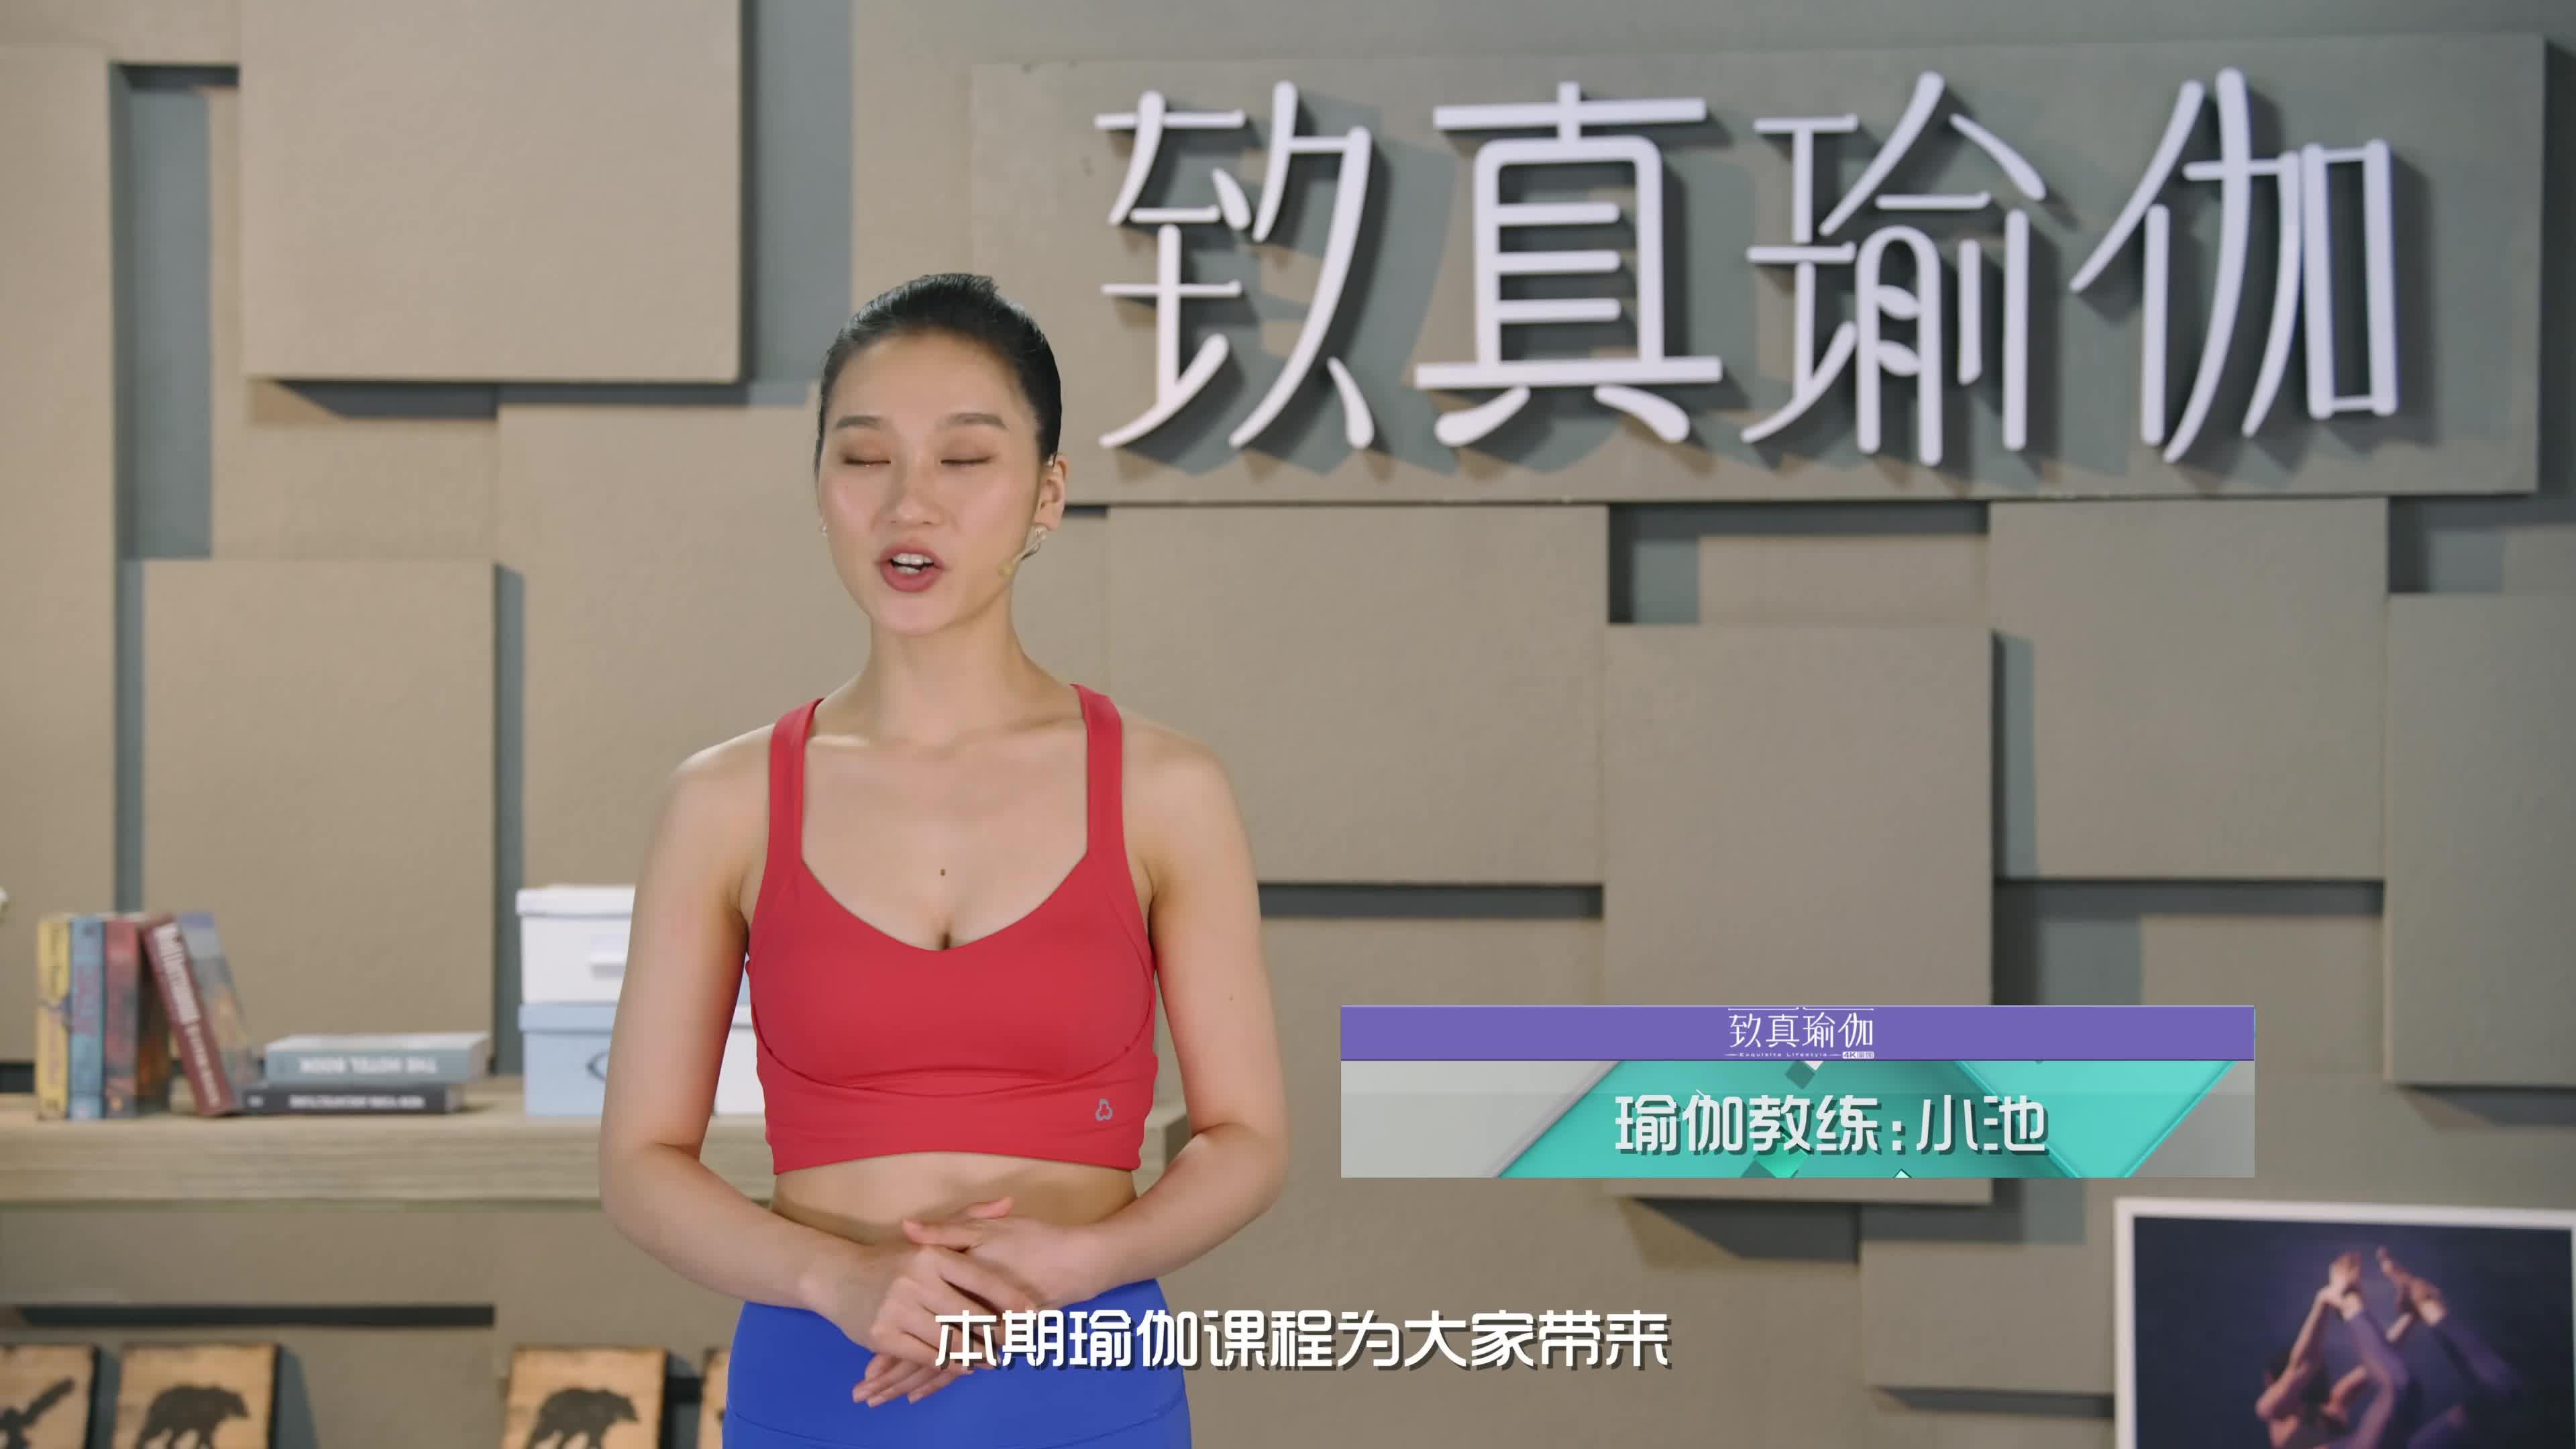 致真瑜伽第12季 系列三十五完美体质打造计划 补养腹部内脏